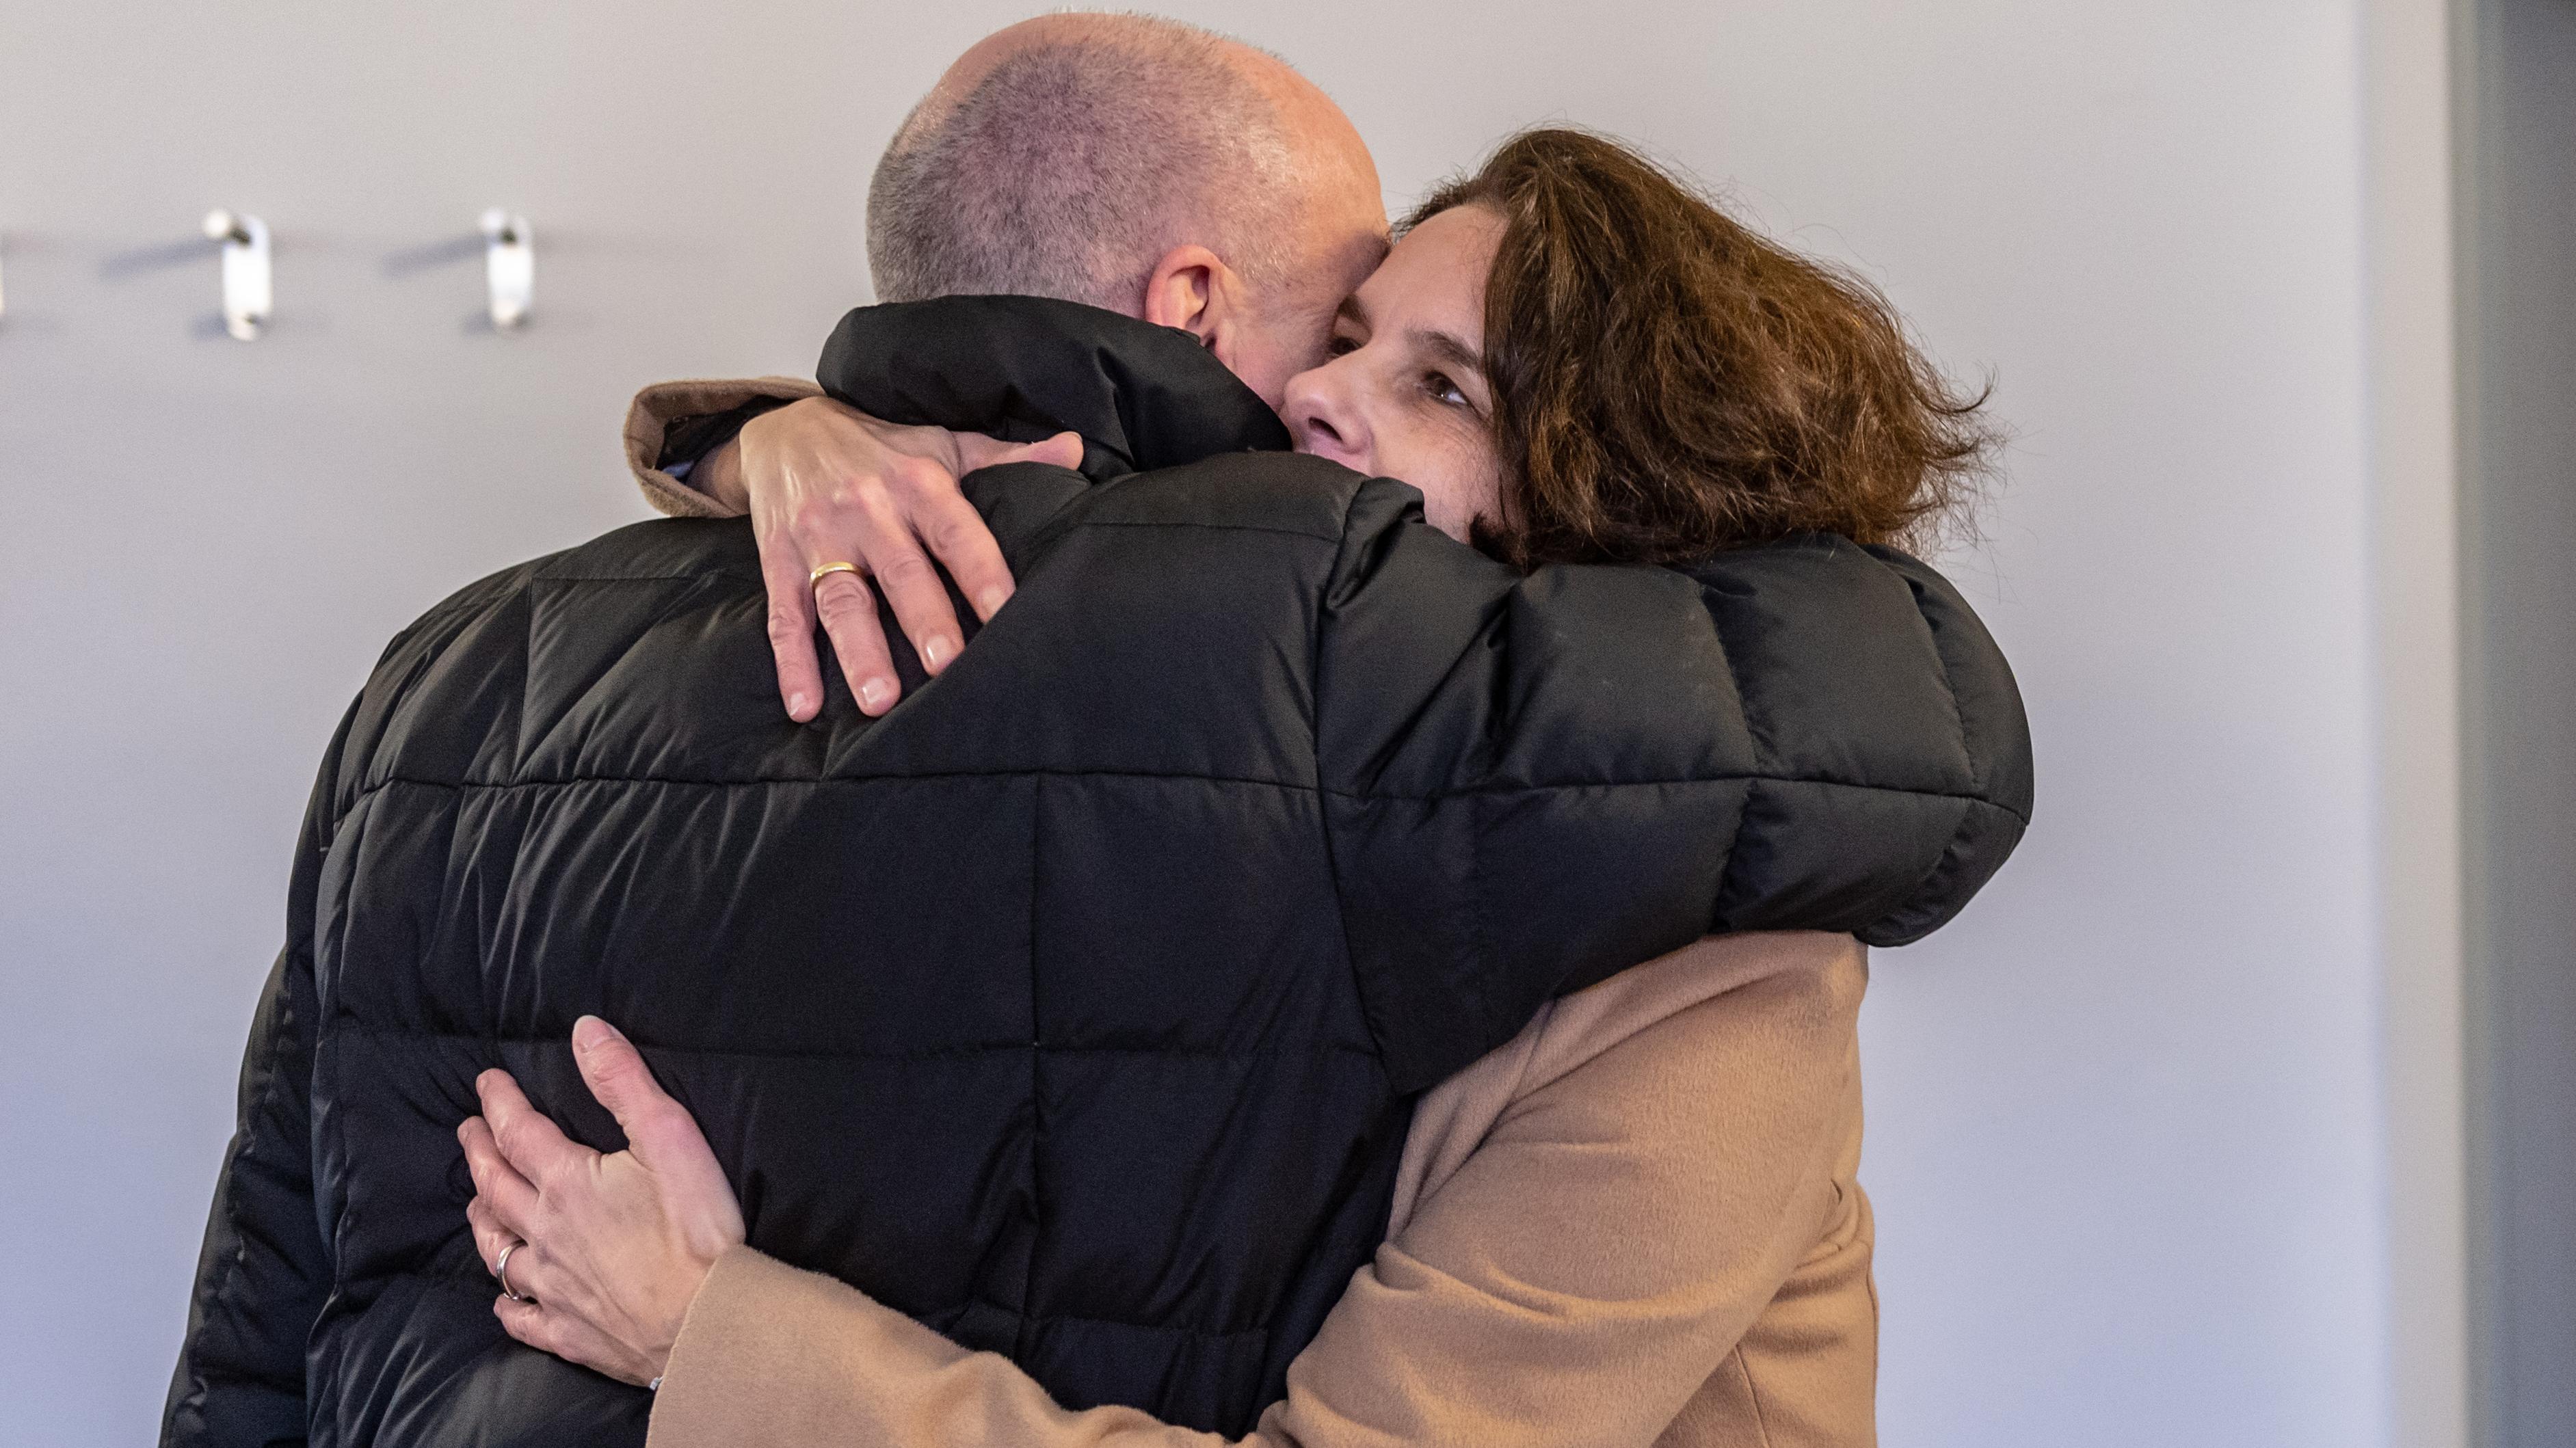 Wiedersehen vor Gericht: Joachim Wolbergs und seine Frau Anja. Sie leben seit 2015 getrennt.